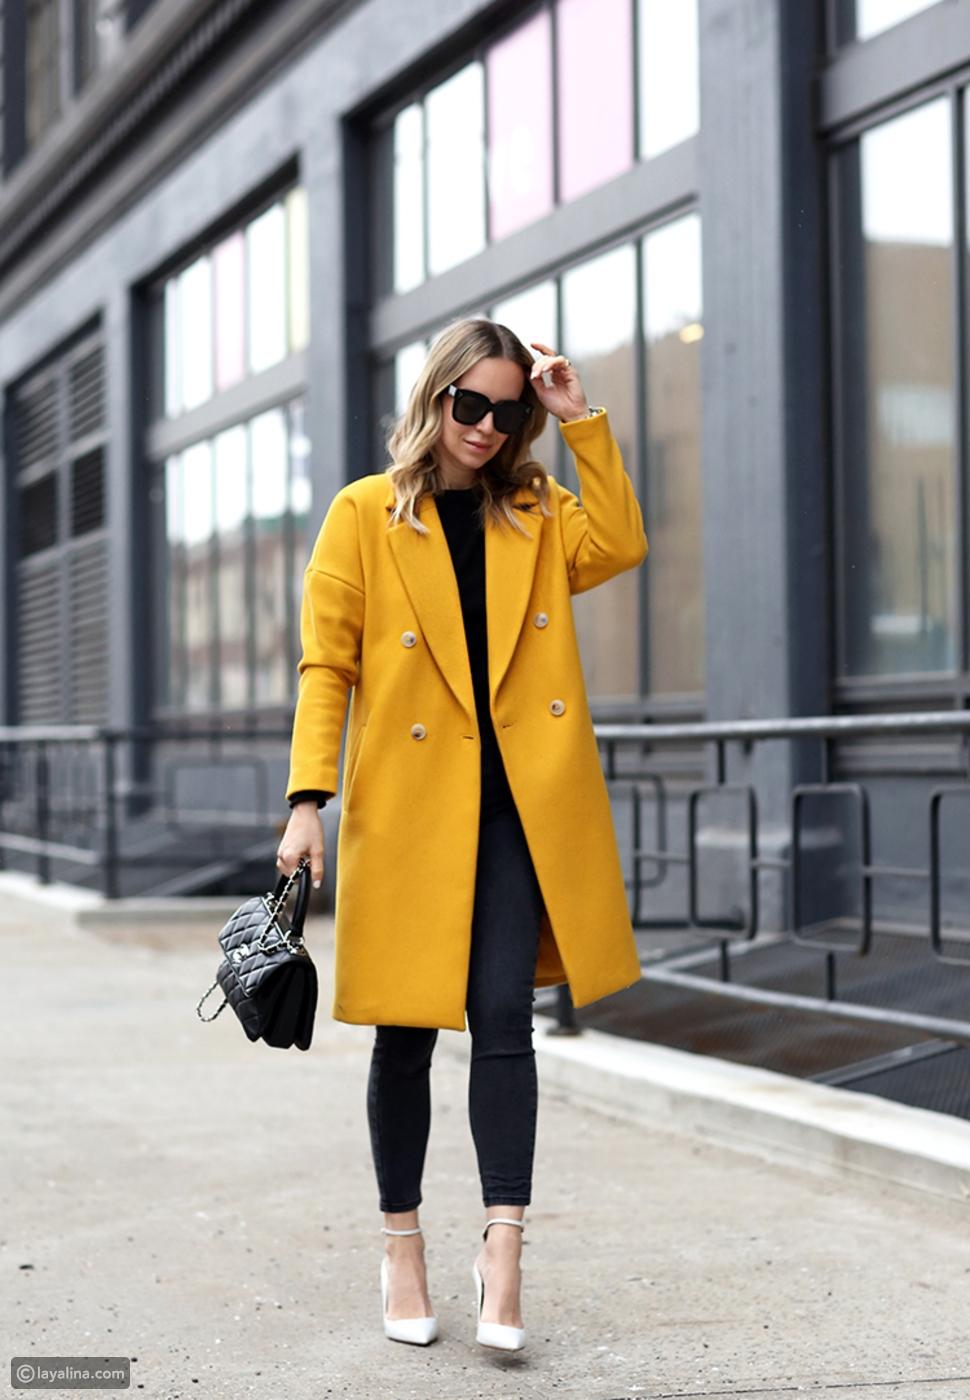 اللون الأصفر